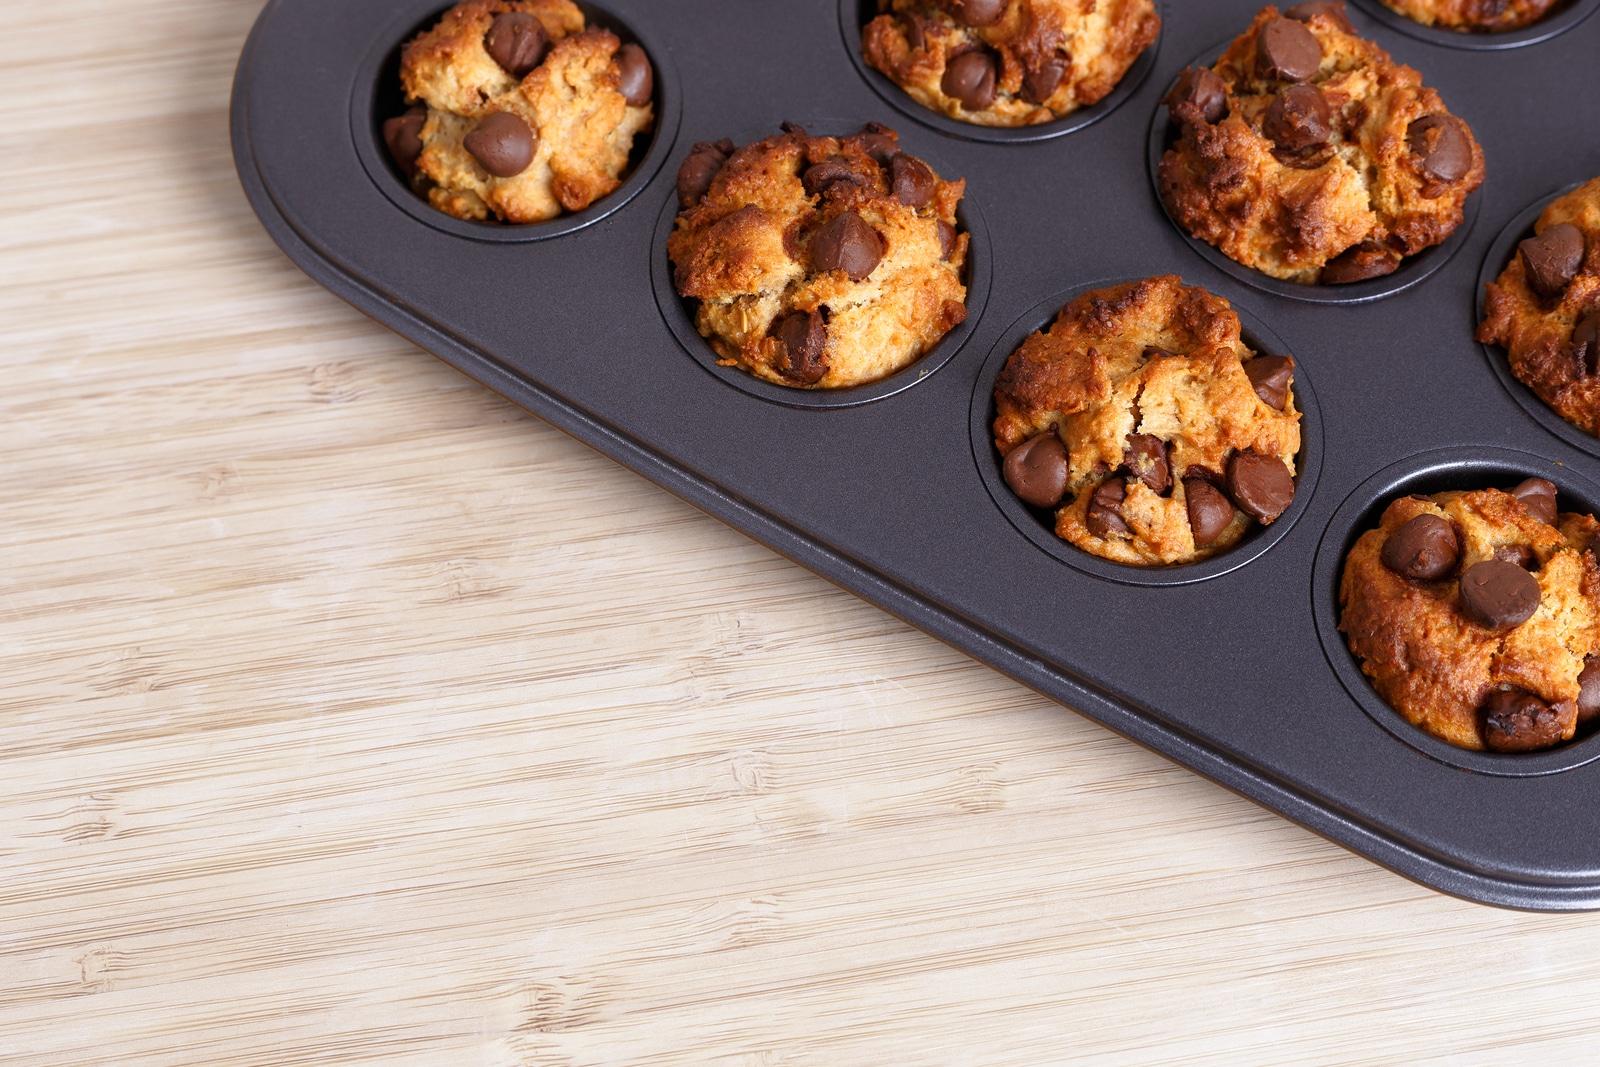 Muffins Background